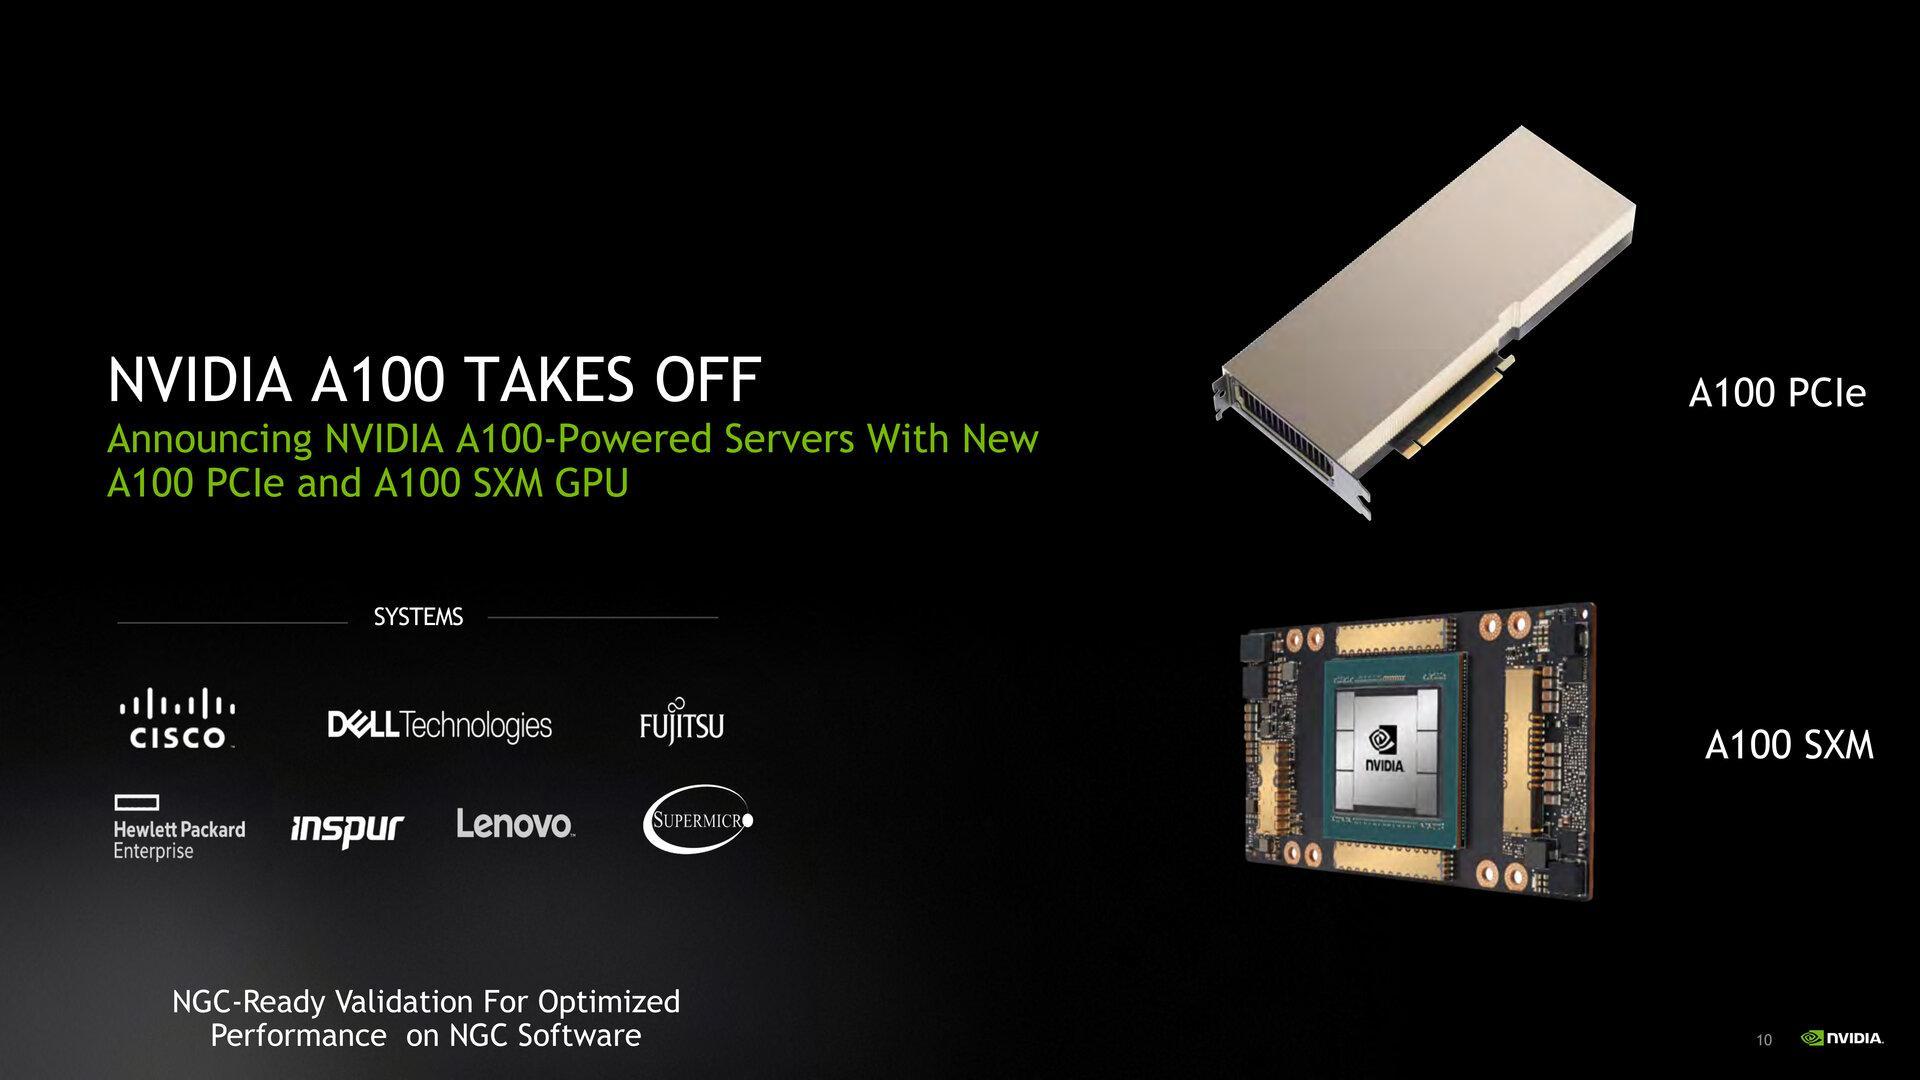 Nvidia Accelerator A100 Pcie Et A100 Swm Card Carte Graphique